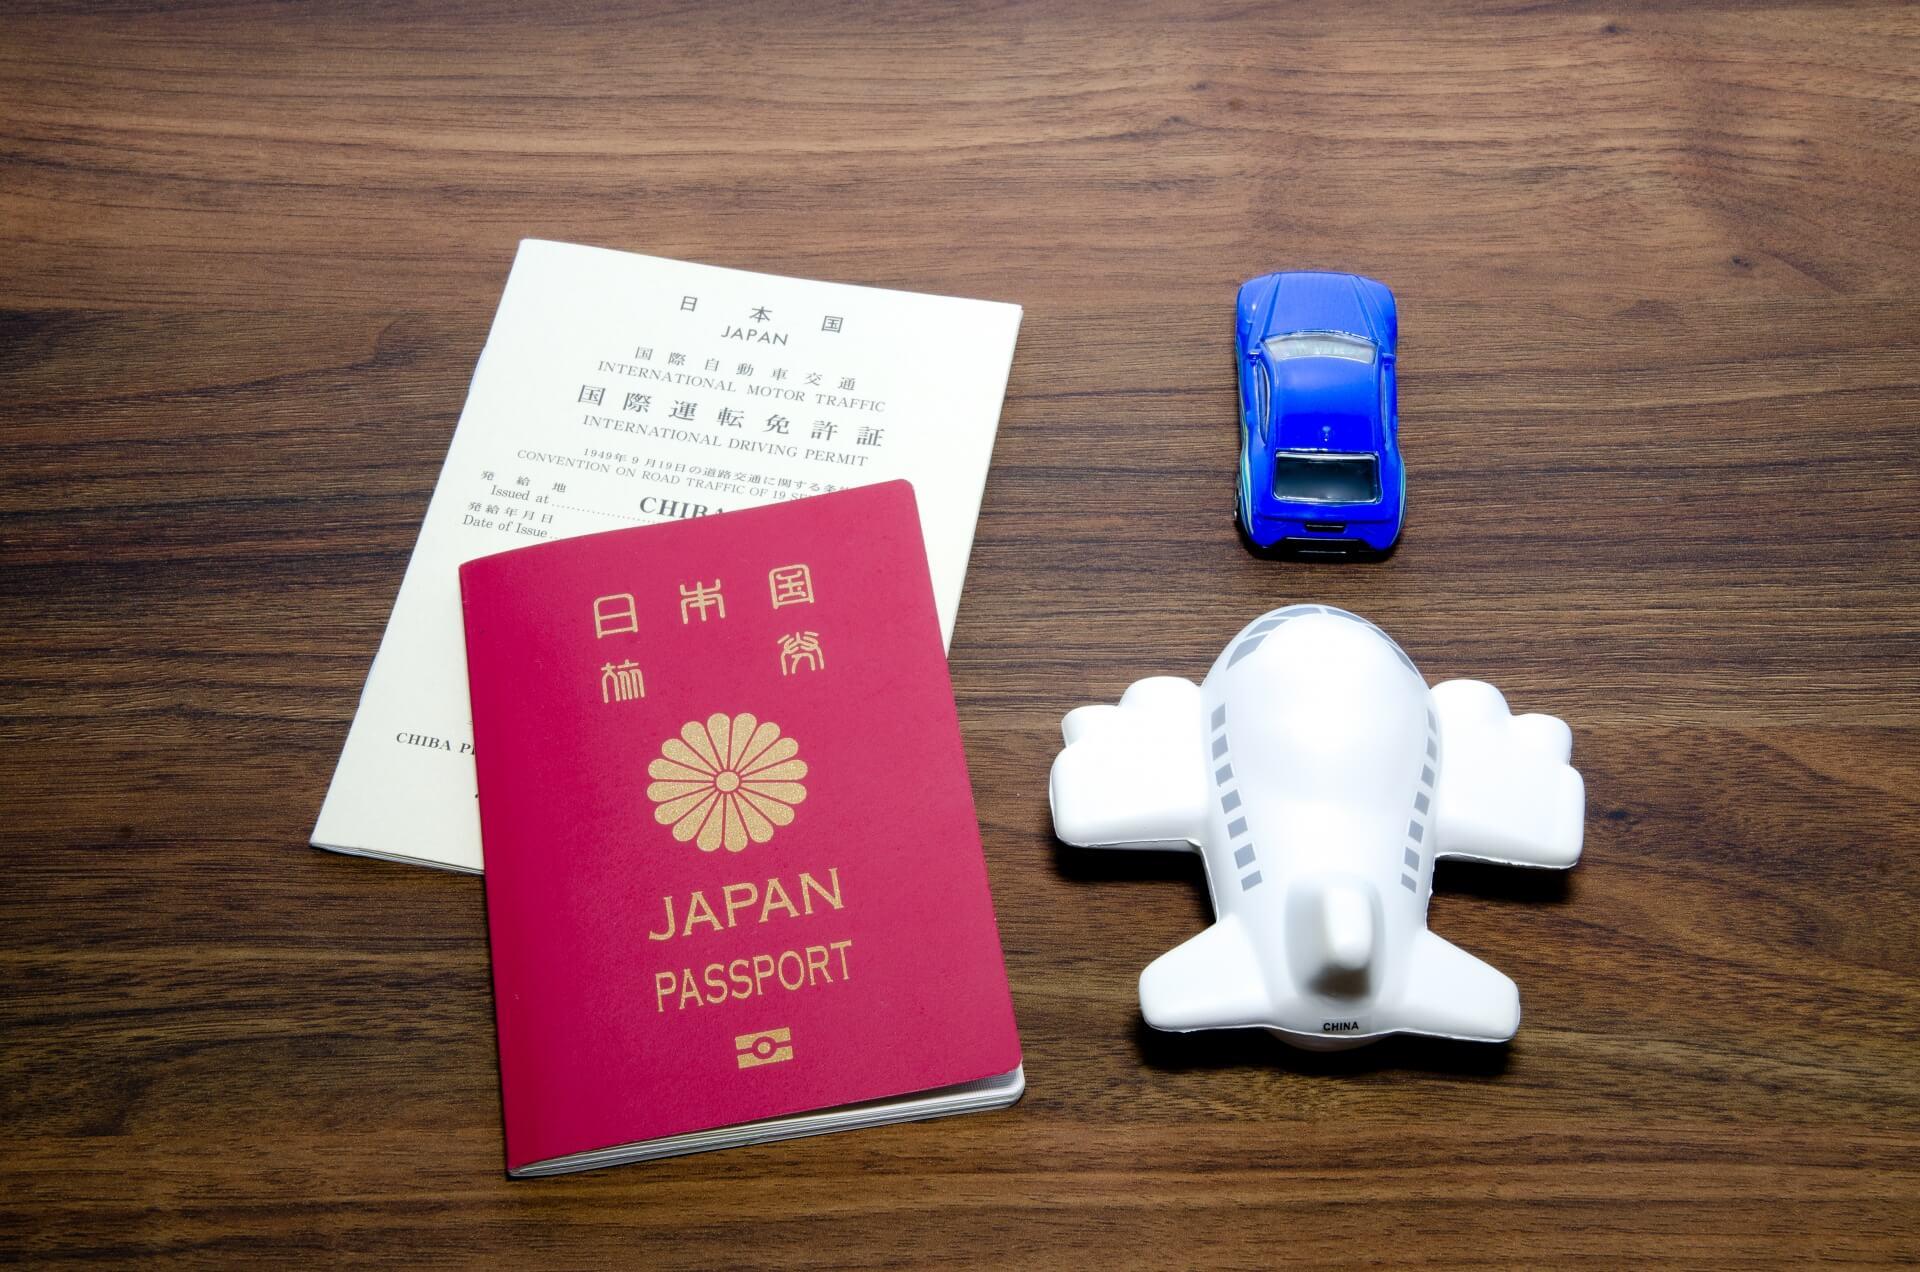 台湾 国際免許証